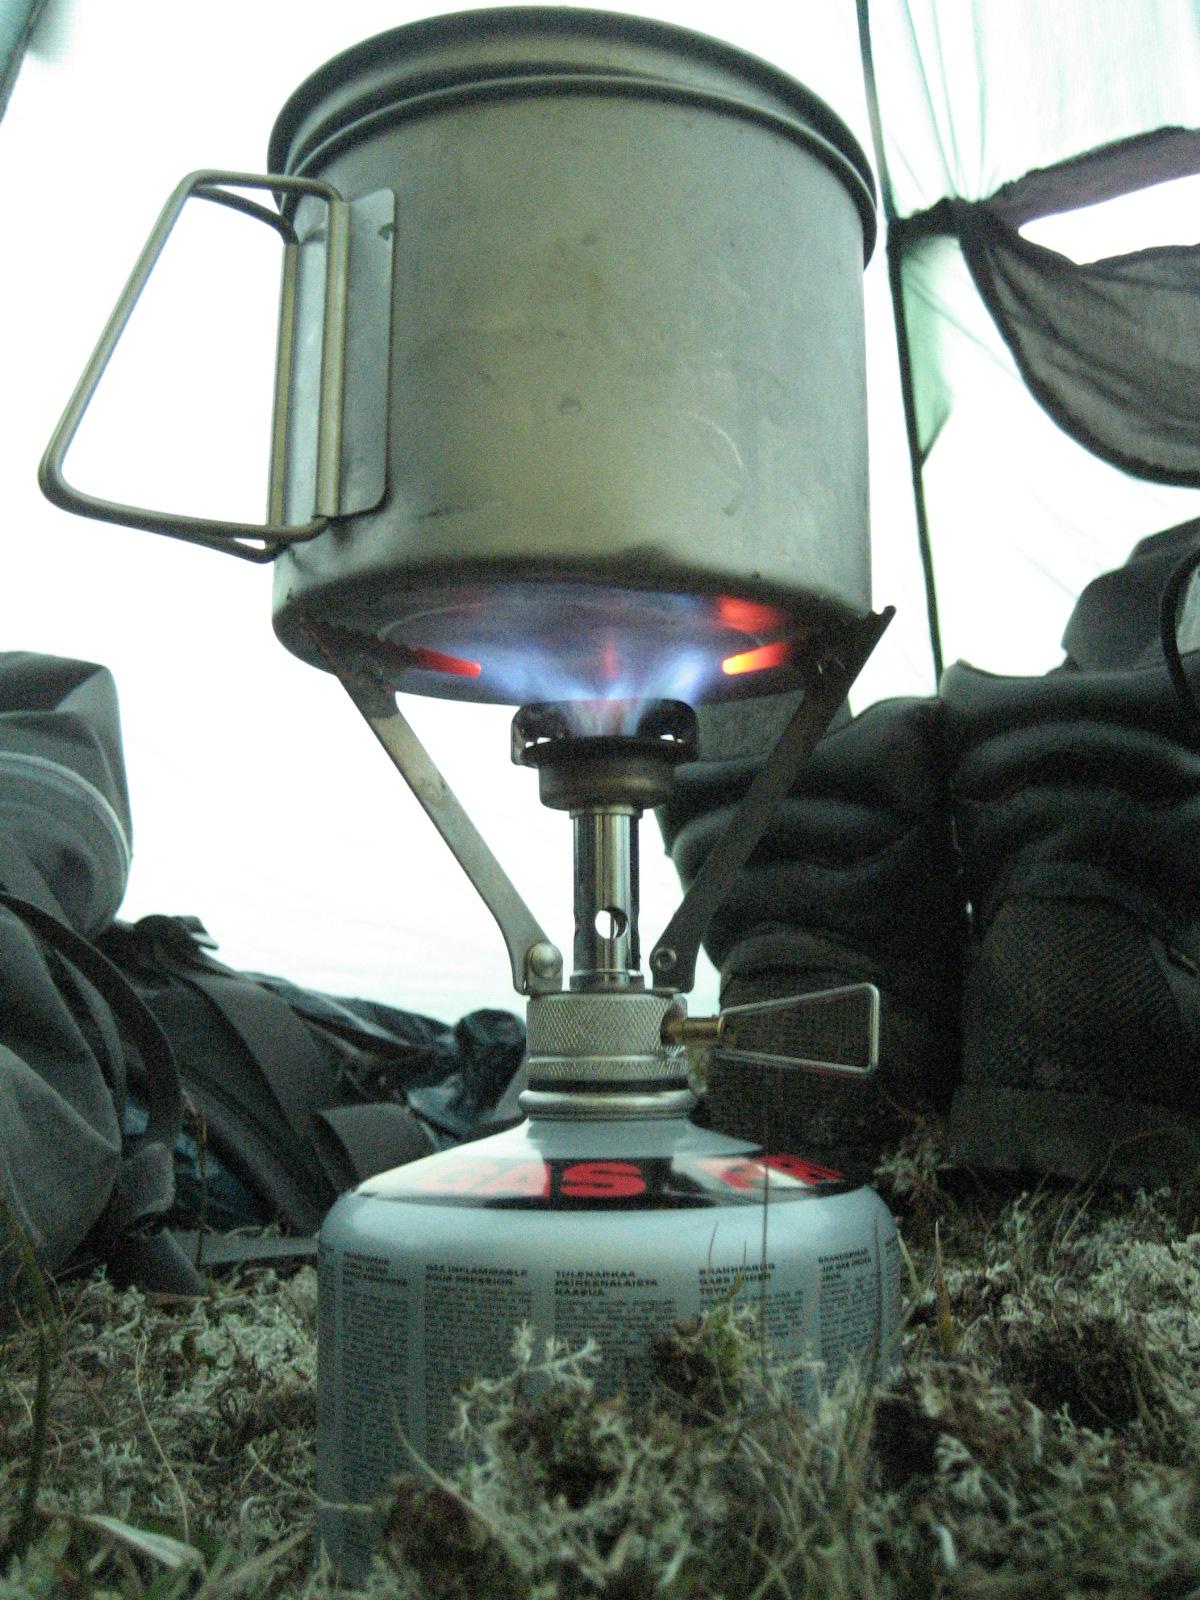 Uthyrning av friluftsutrustning för sommar och vinter